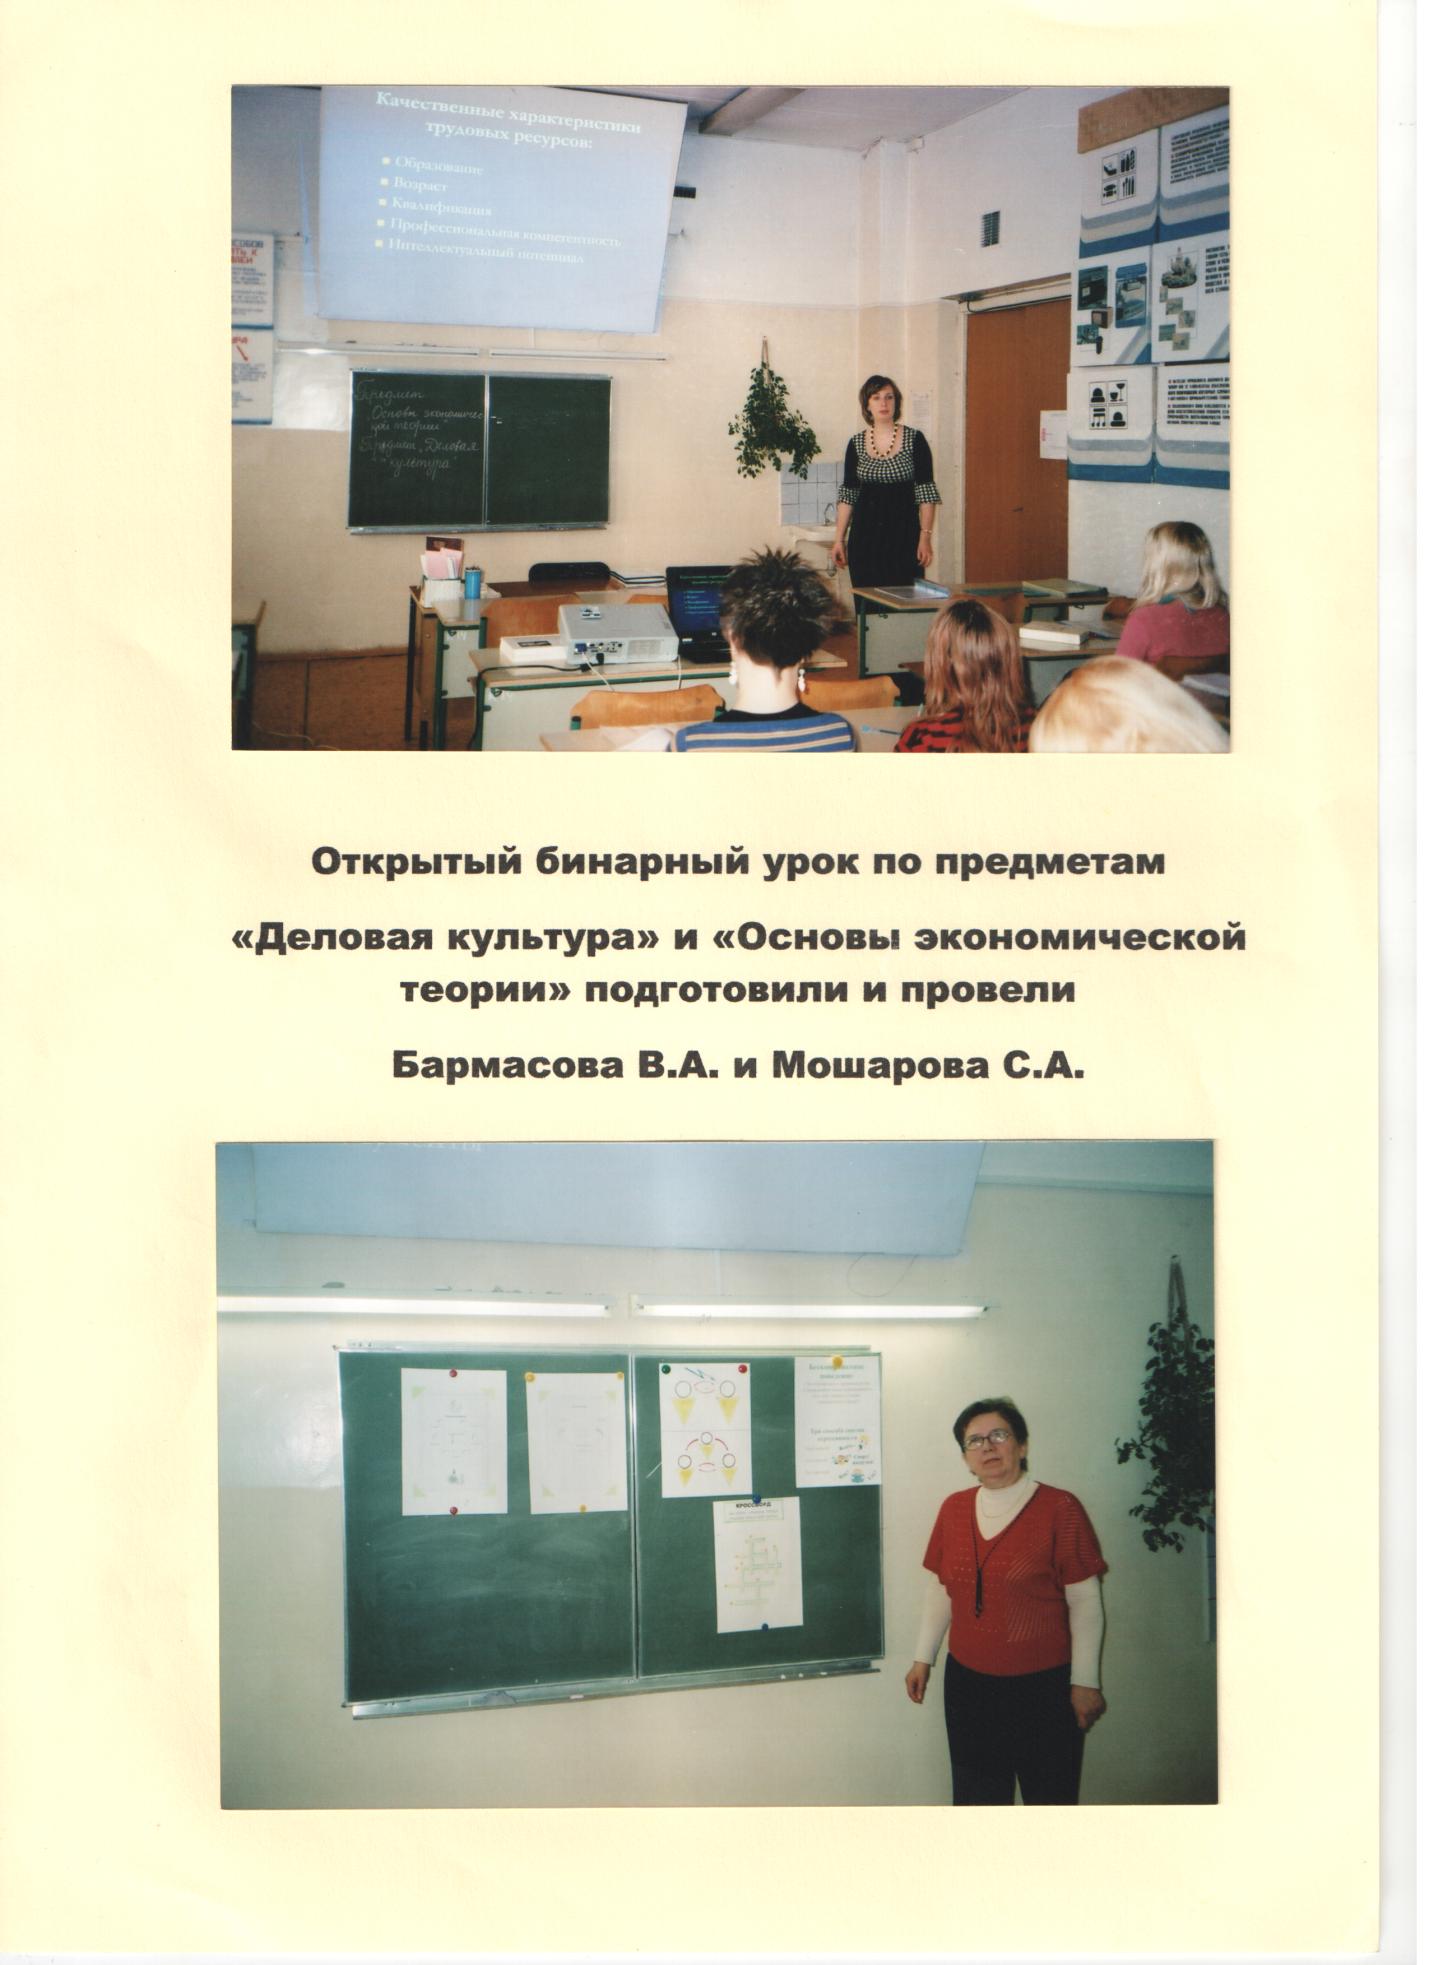 Открытый бинарный урок фото.png